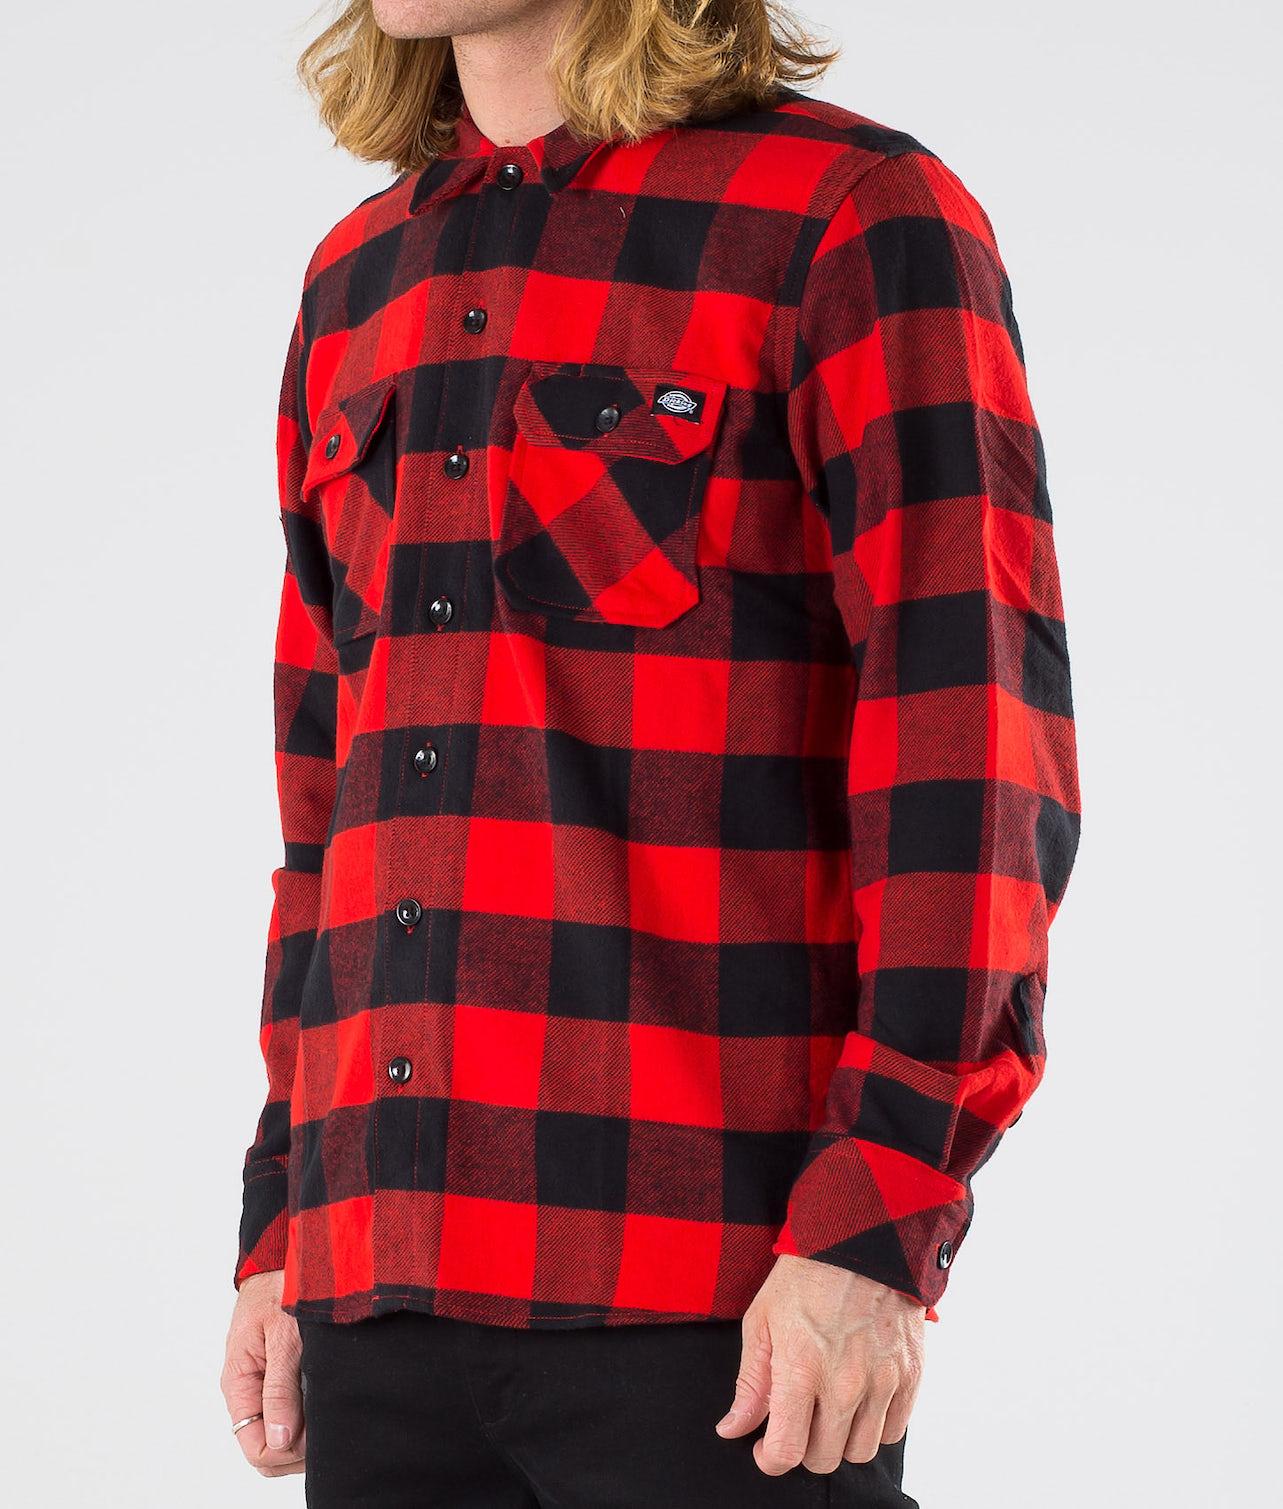 Kaufe Sacramento Hemd von Dickies bei Ridestore.de - Kostenloser, schneller Versand & Rückversand.